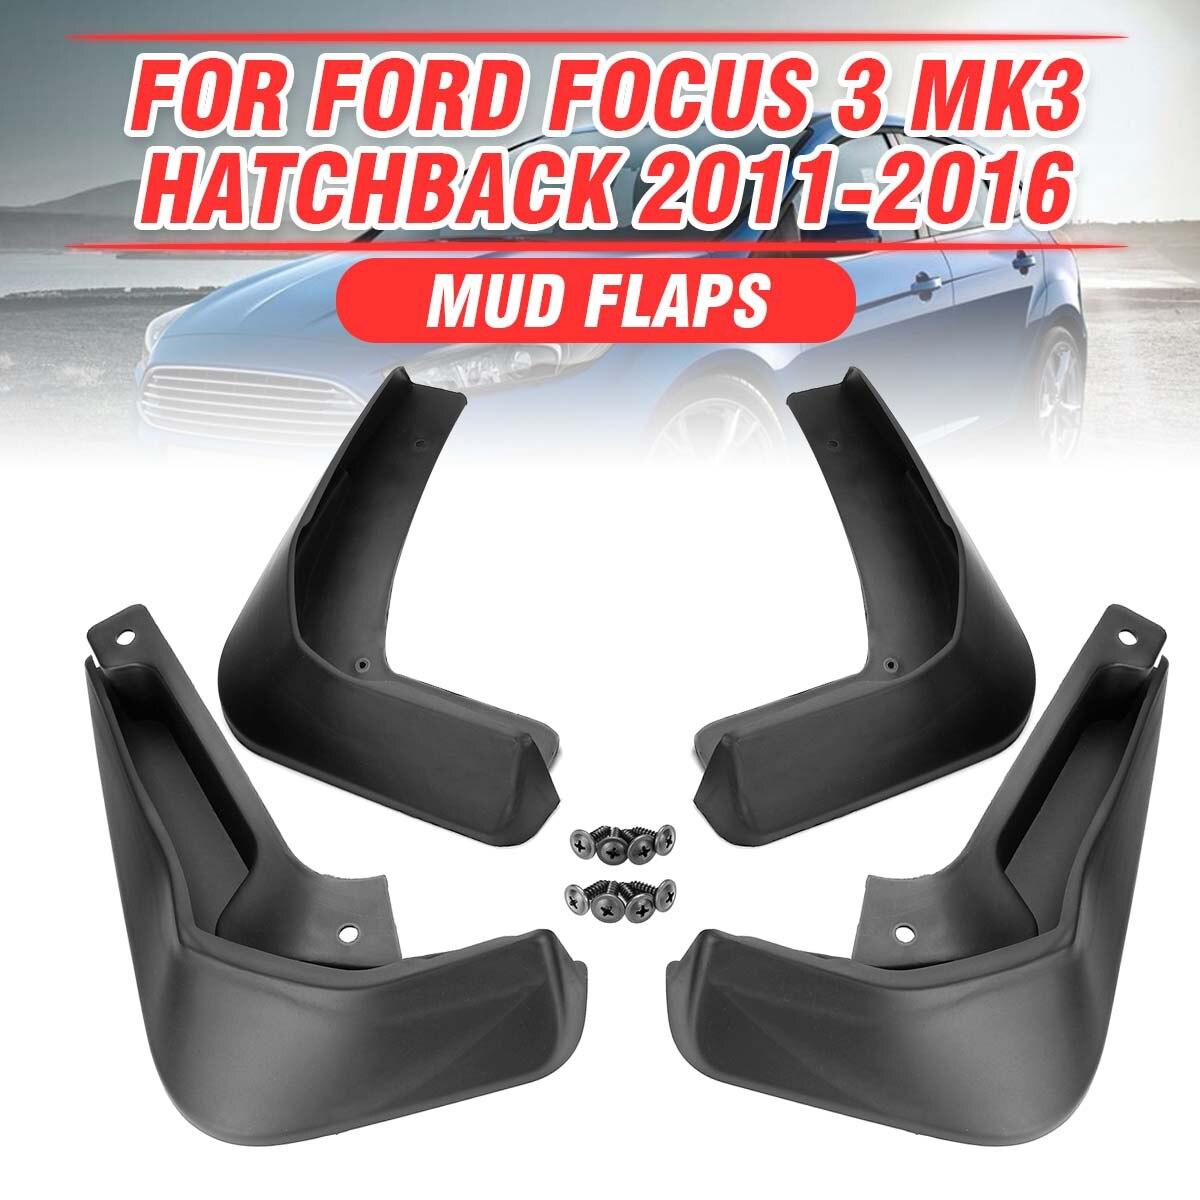 자동차 머드 플랩 머드 가드 머드 플랩 스플래쉬 가드 for Ford/Focus 3 MK3 Hatchback 2011-2018